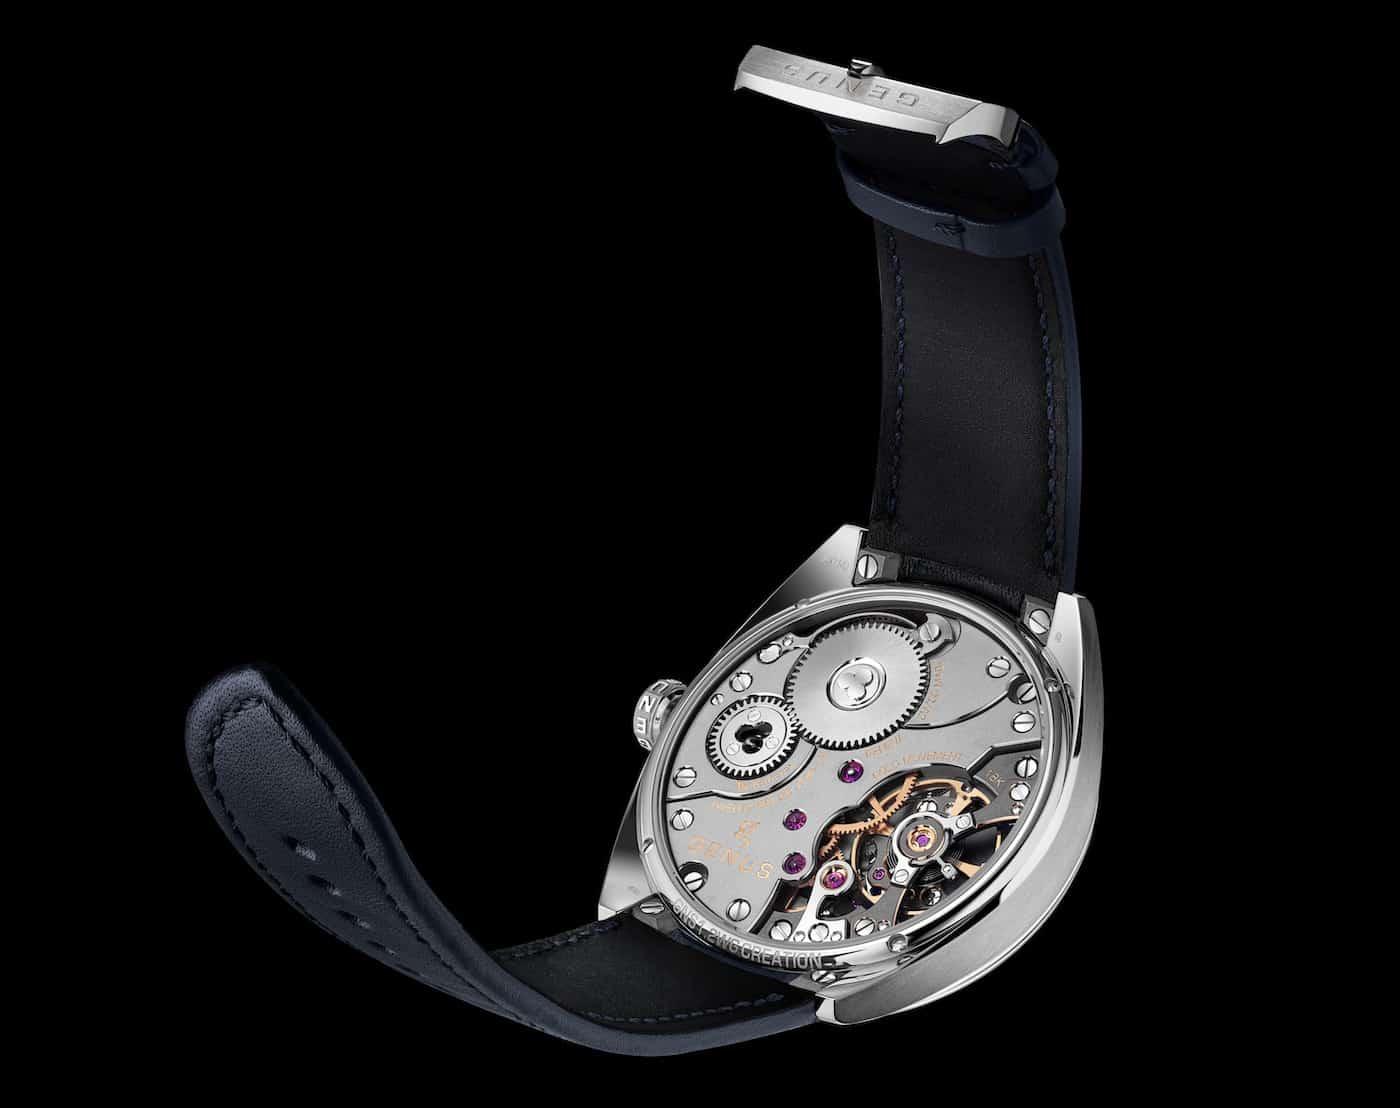 Genus Watches Gold Watch 6